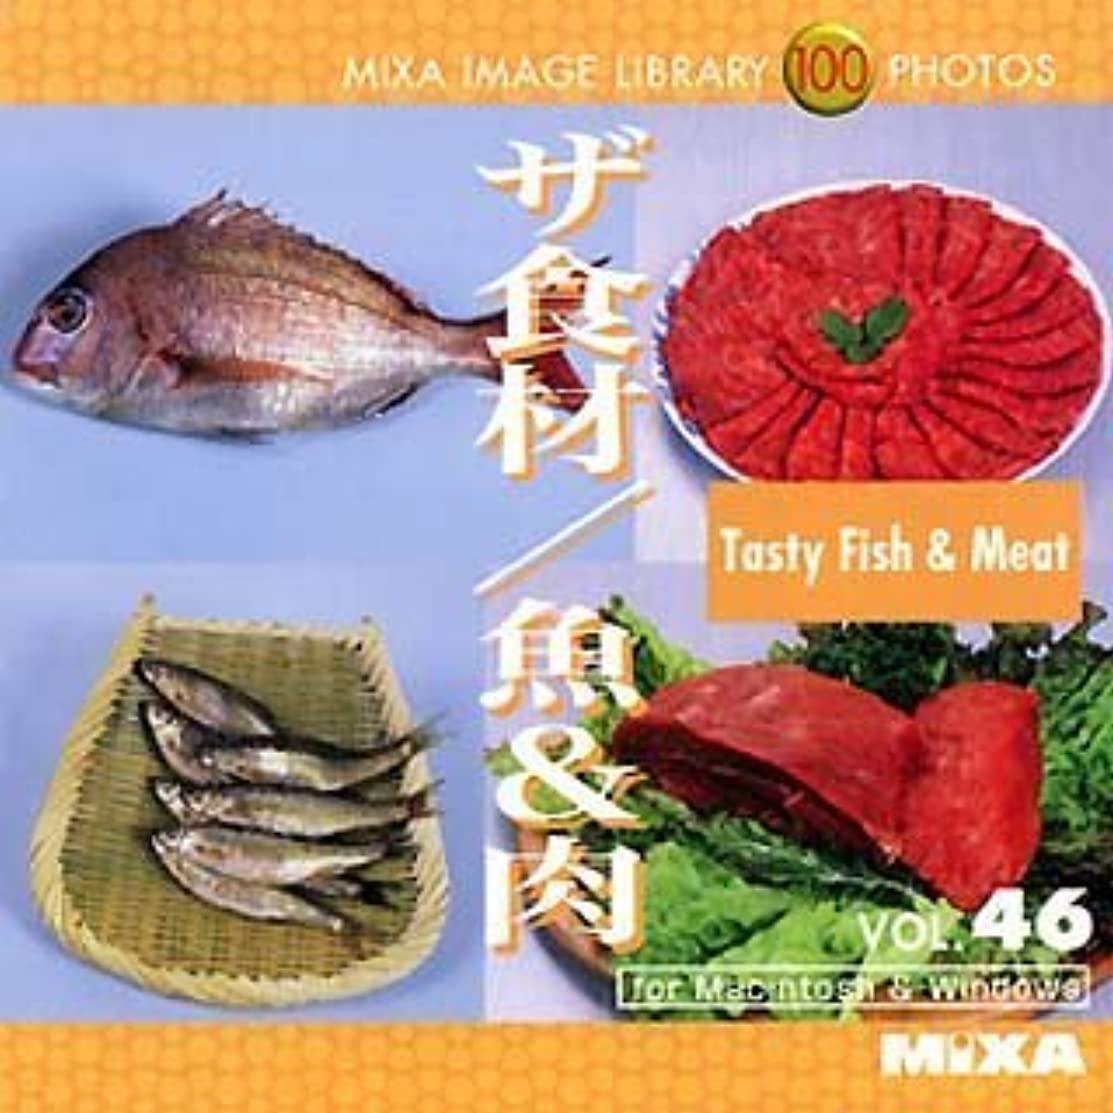 シリングエイリアン伝染病MIXA IMAGE LIBRARY Vol.46 ザ食材/魚&肉